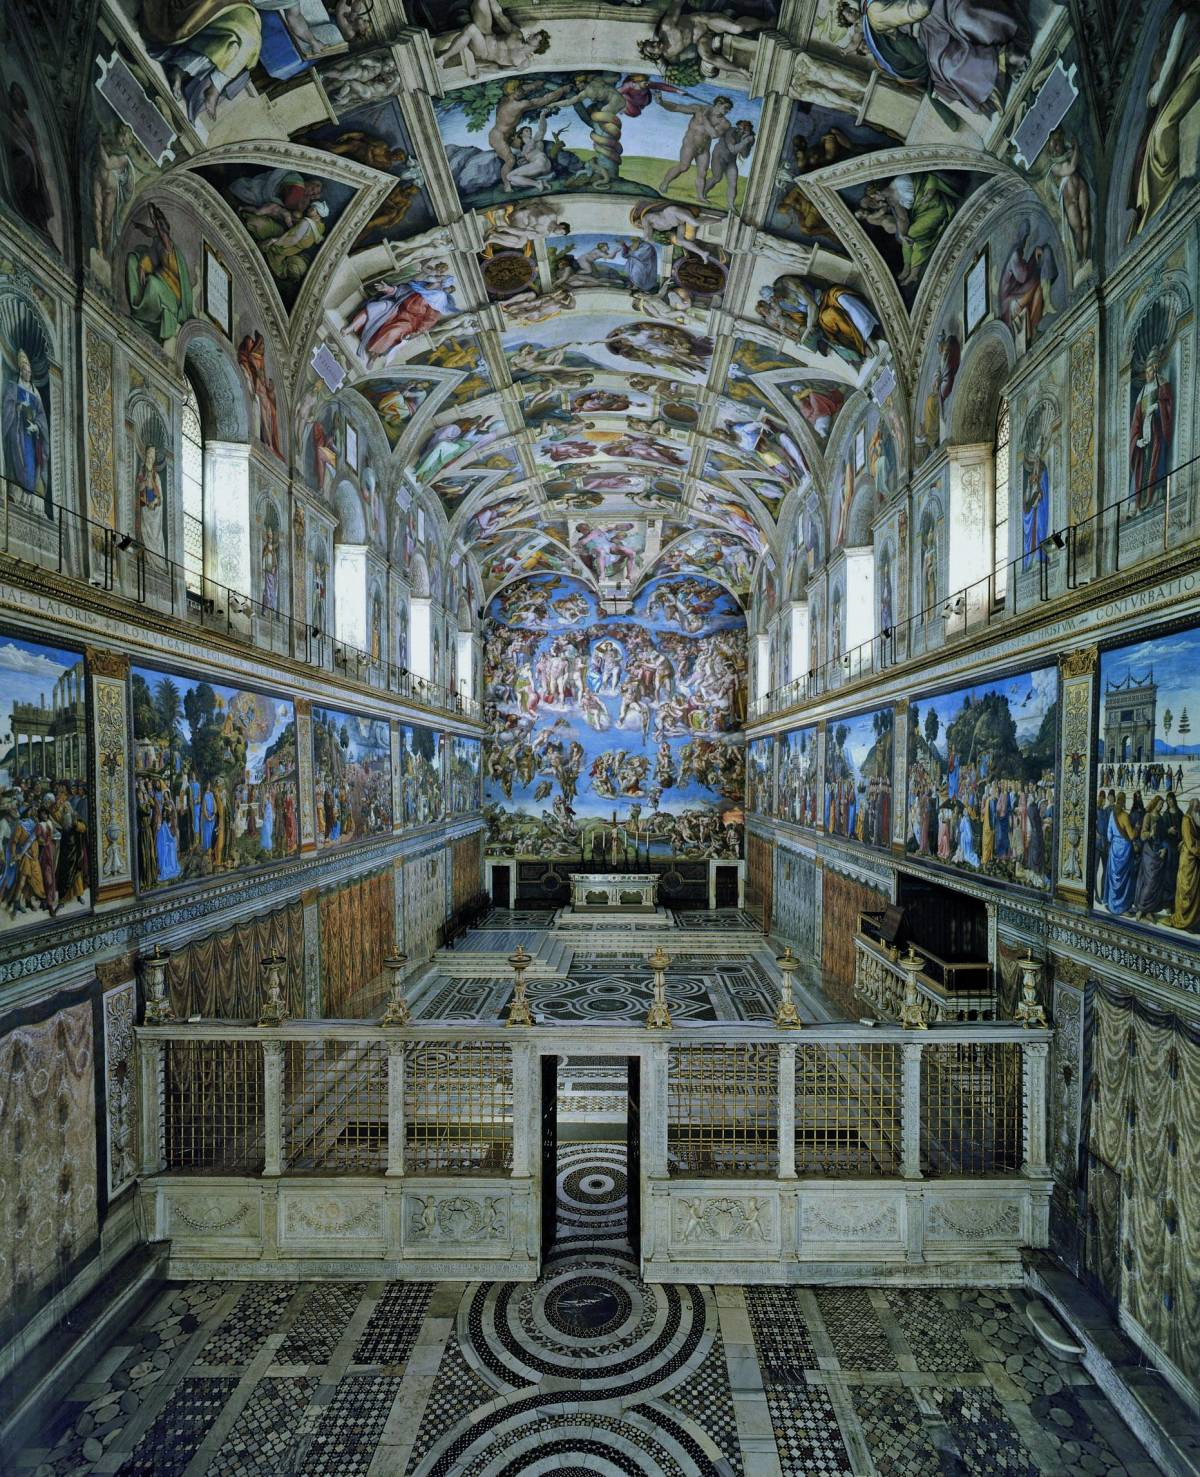 Il gusto di massa per l'arte confonde capolavori e icone